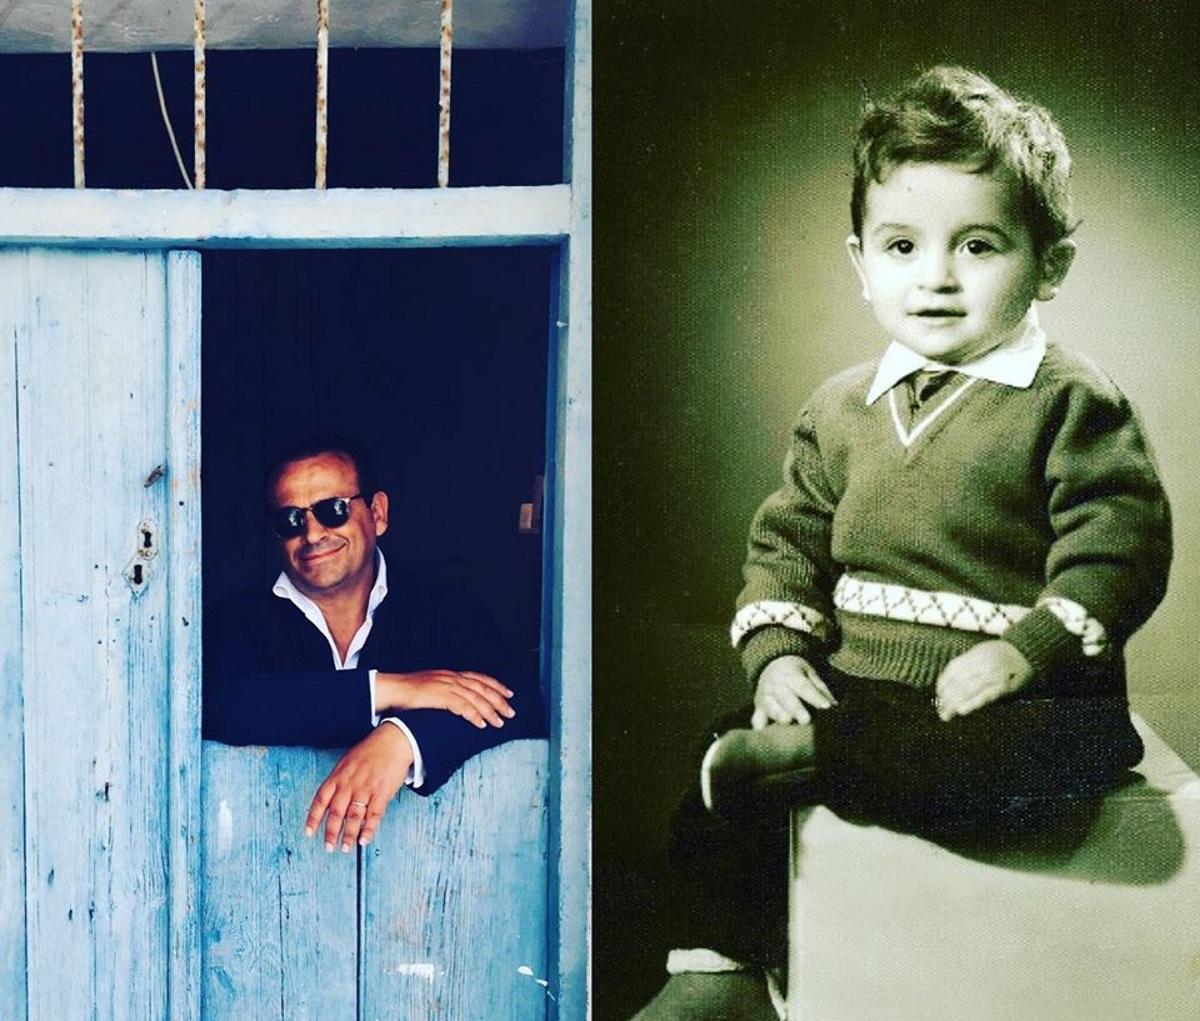 """Βασίλης Ζούλιας: Έχει γενέθλια και θυμάται τα παιδικά του χρόνια! """"57, ποιος το περίμενε ότι θα έφθανα τόσο μακριά""""!"""